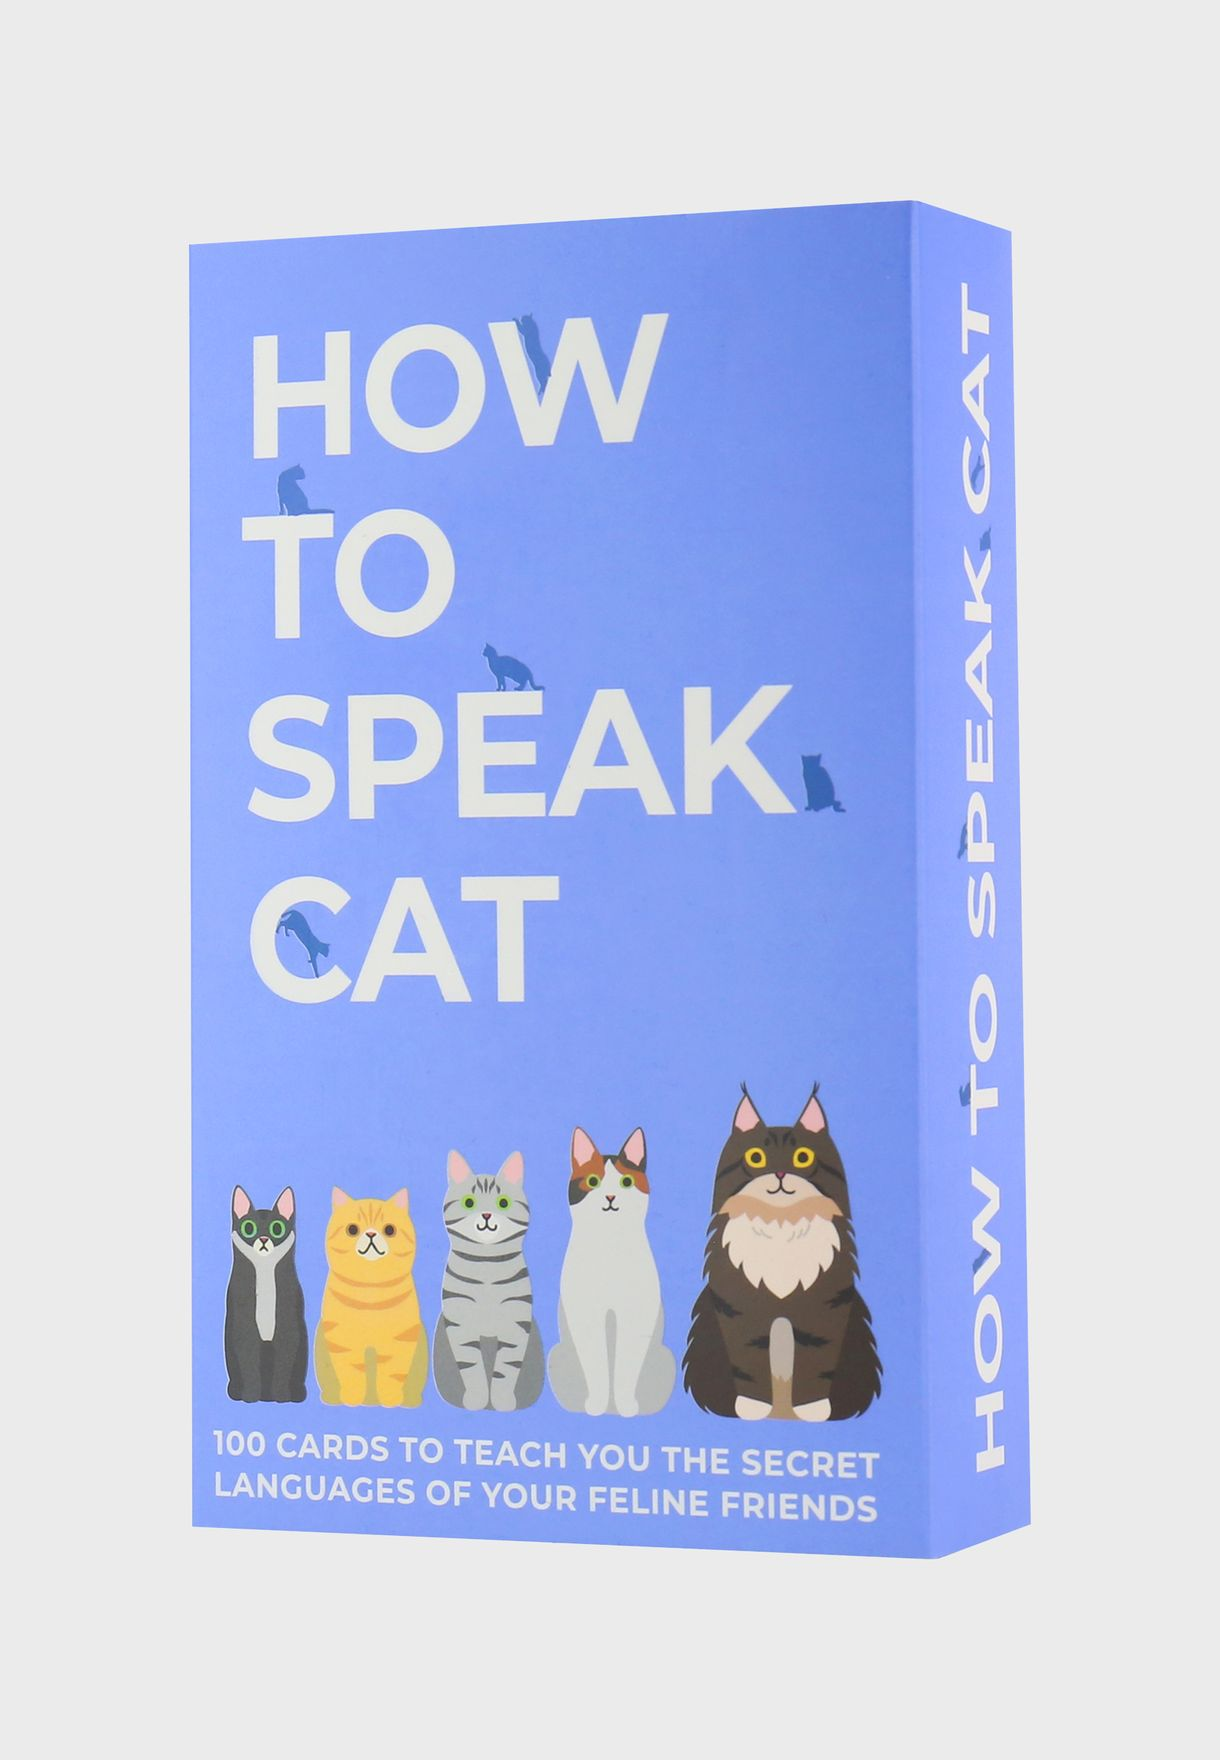 How To Speak Cat Trivia Cards